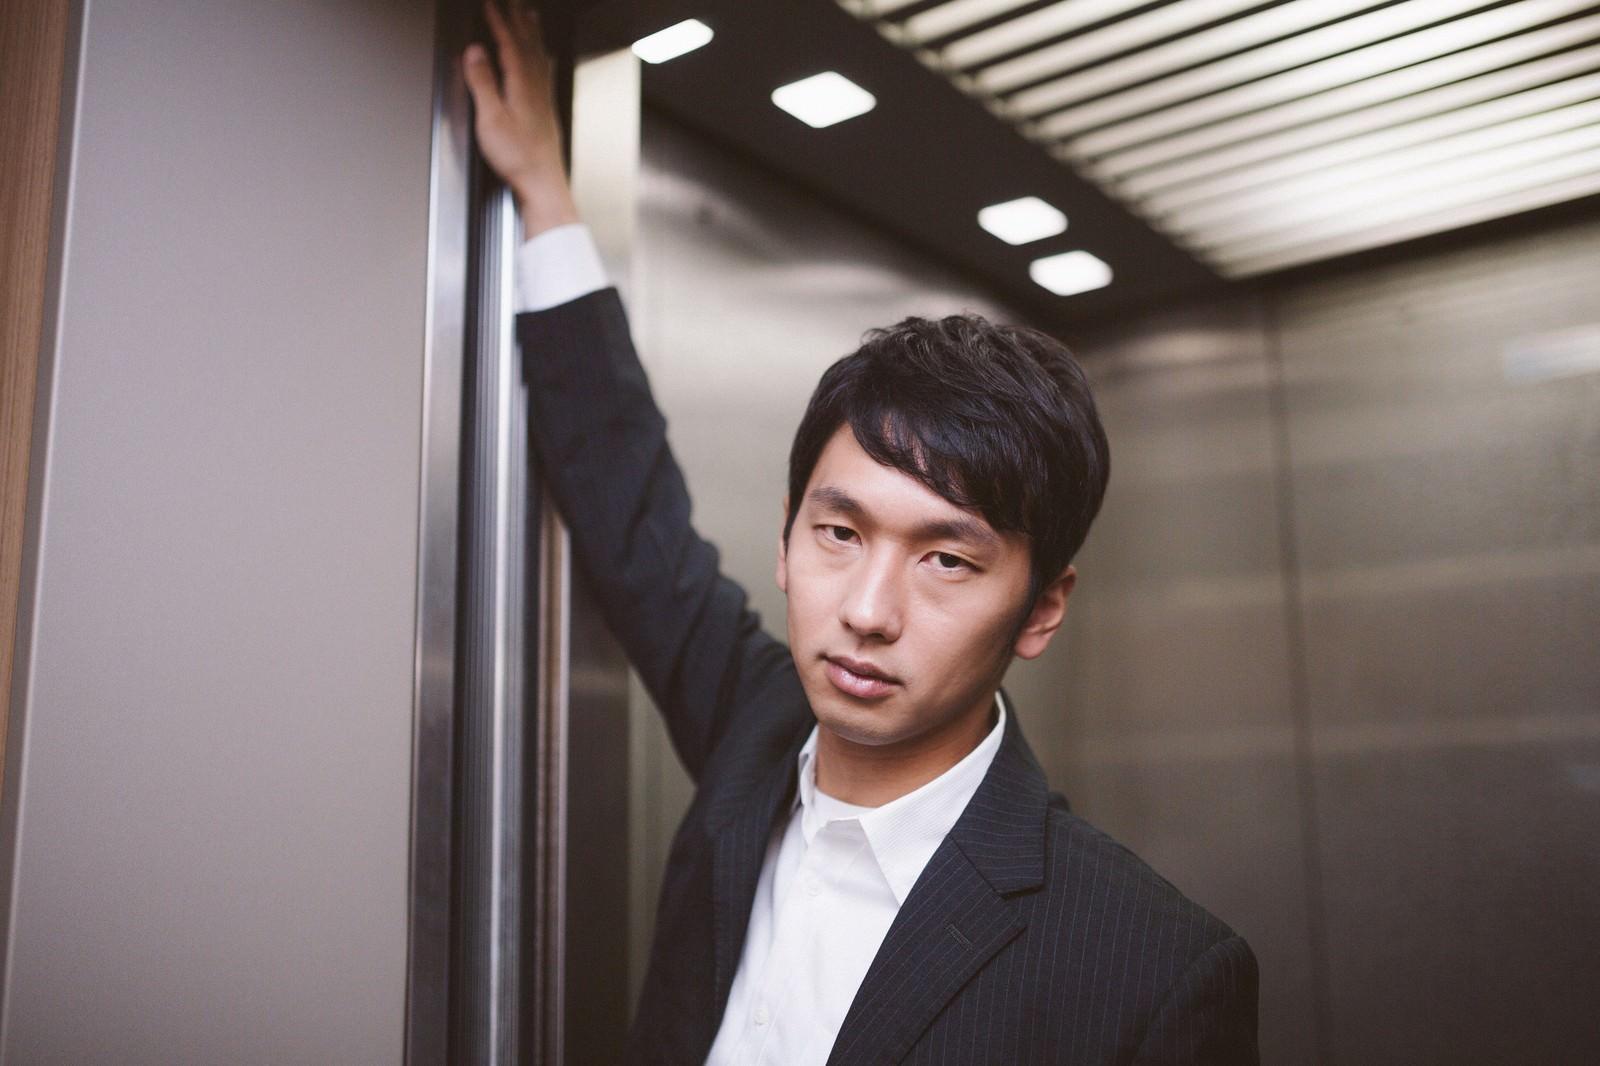 「「私、何階に行くと思います?」と難解なクイズを出す若き経営者」の写真[モデル:大川竜弥]